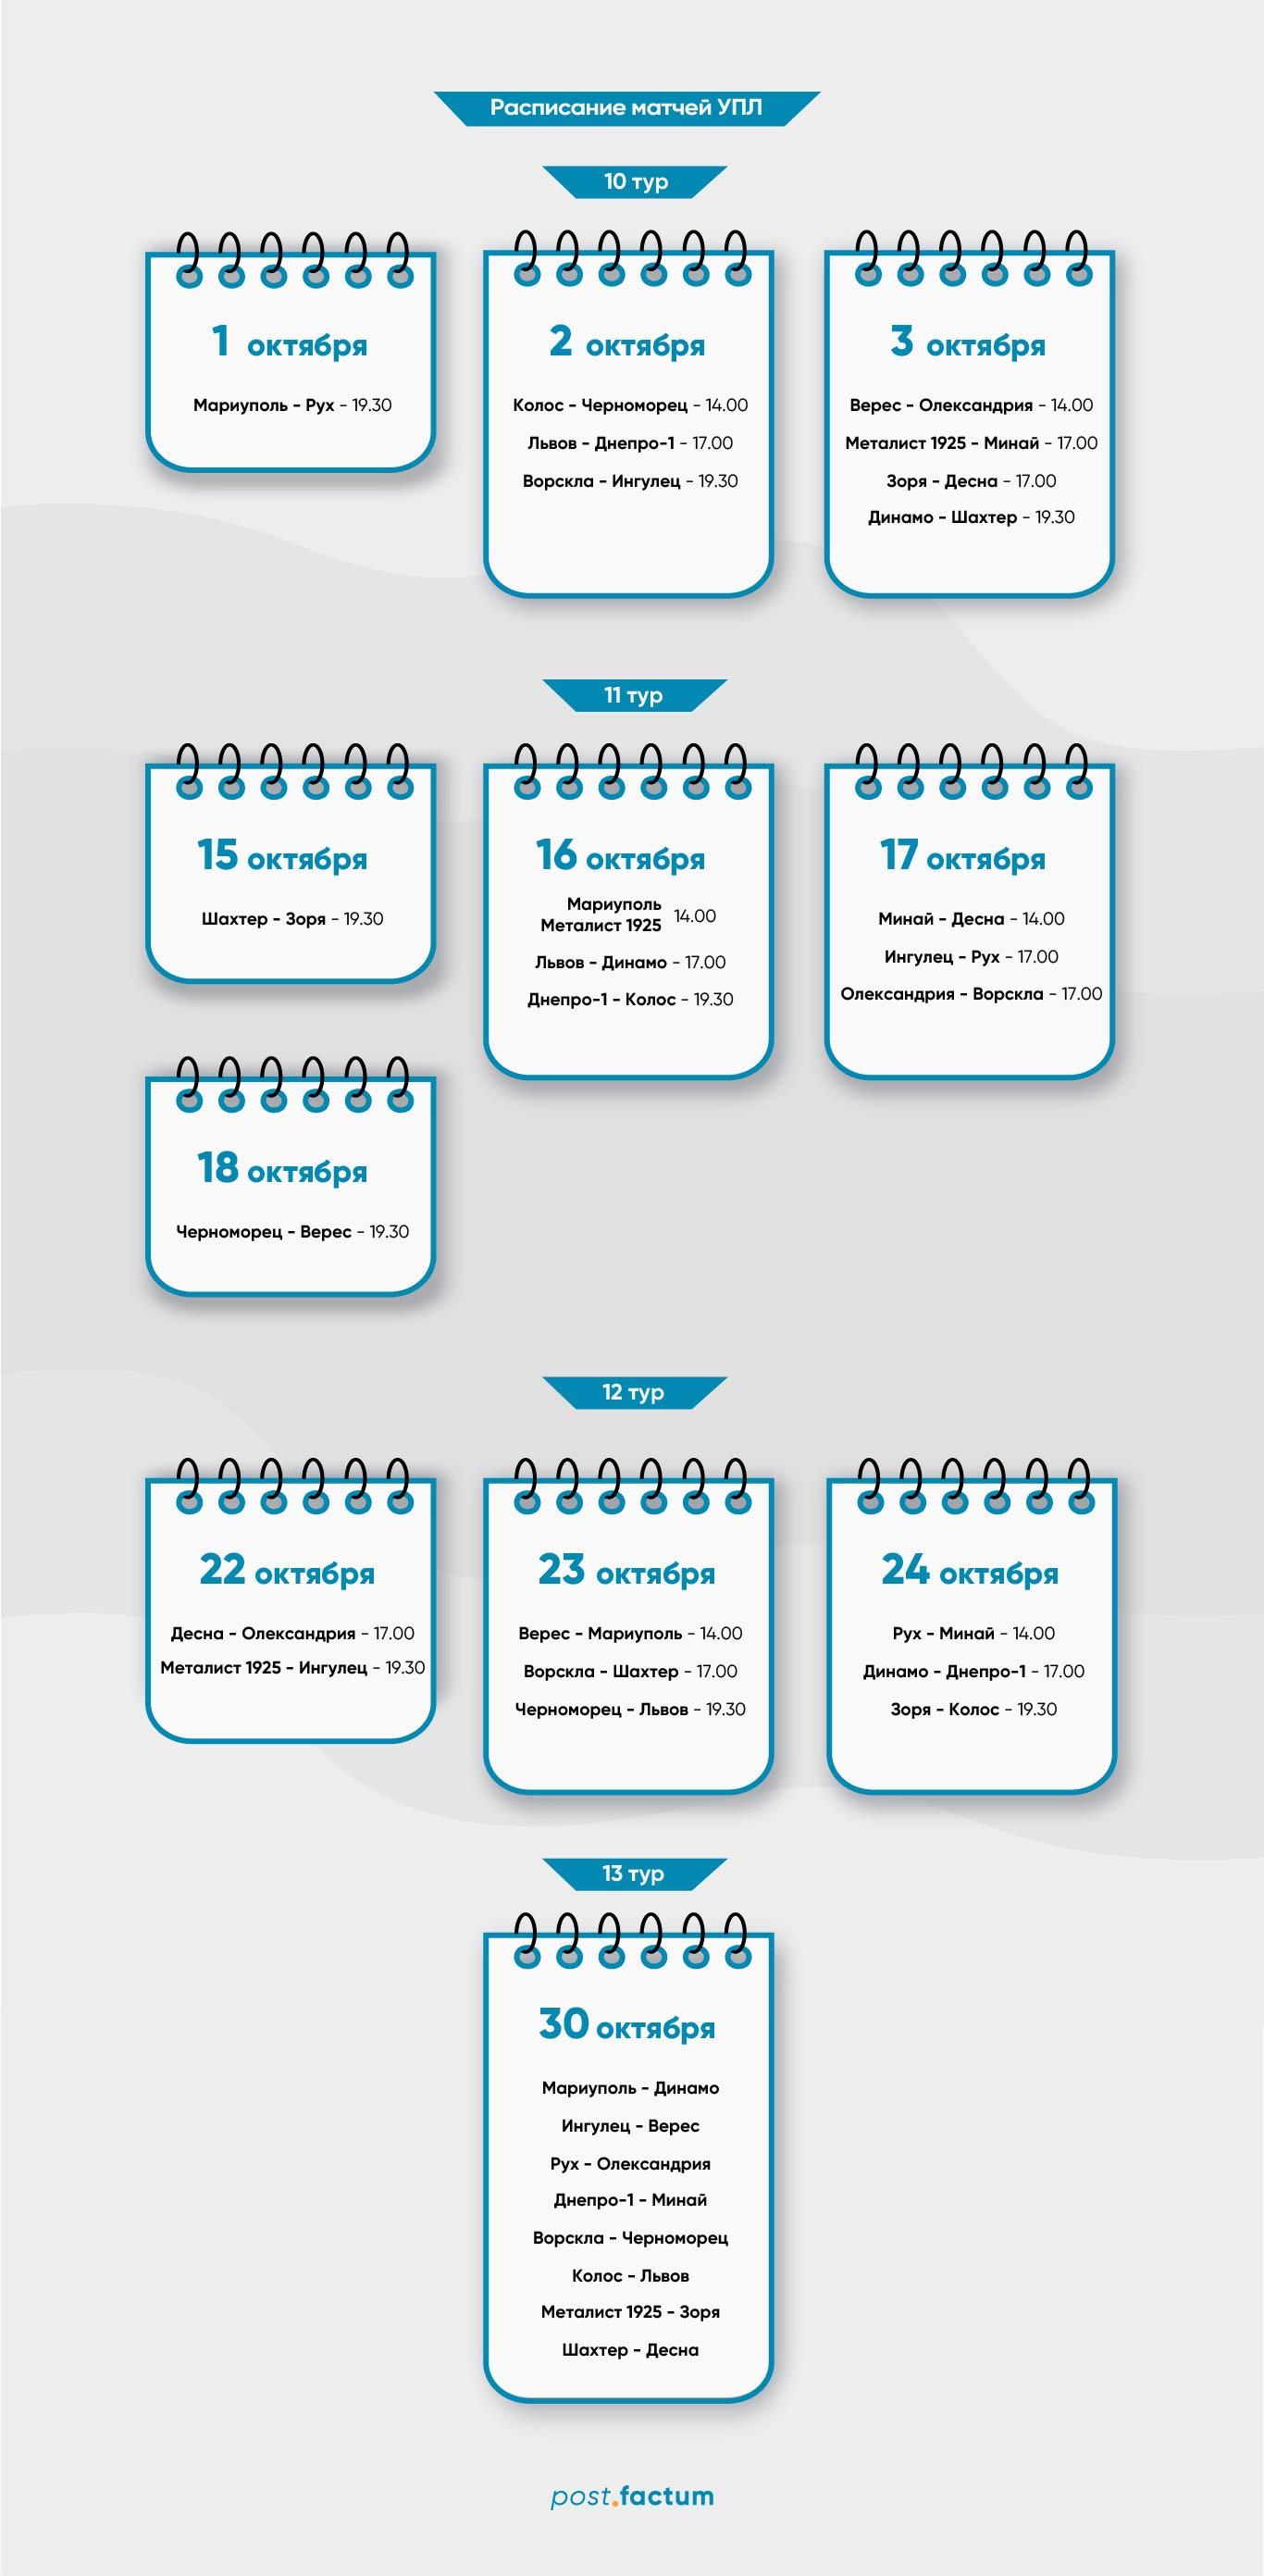 Инфографика: расписание матчей УПЛ на октябрь — фото 1